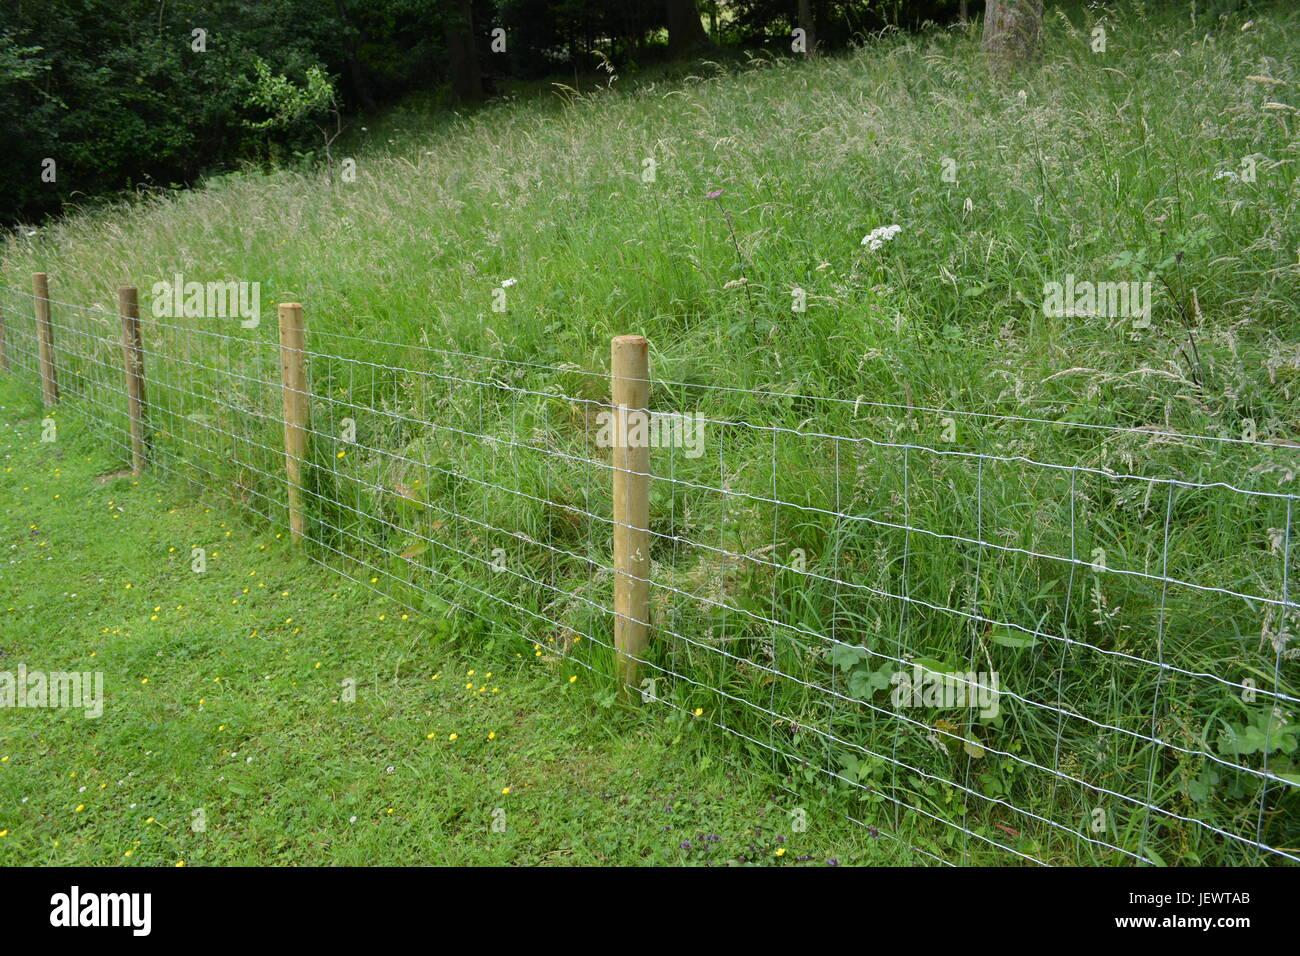 Jardin clôture de grillage métallique stock avec des poteaux ...